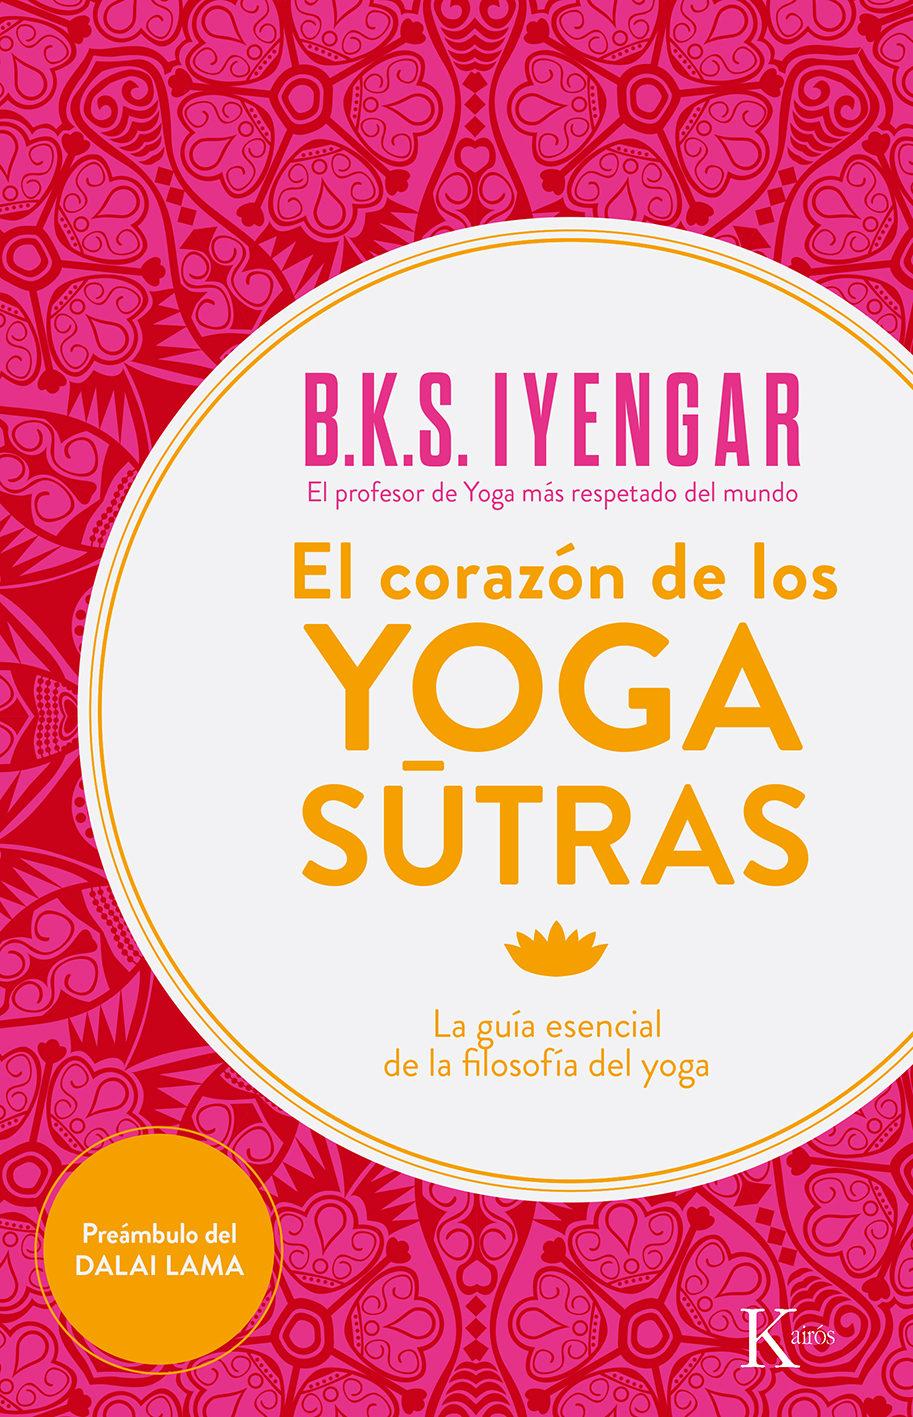 El Corazón de los Yoga Sûtras: La Guía Esencial de la Filosofía del Yoga - B. K. S. Iyengar - Kairós